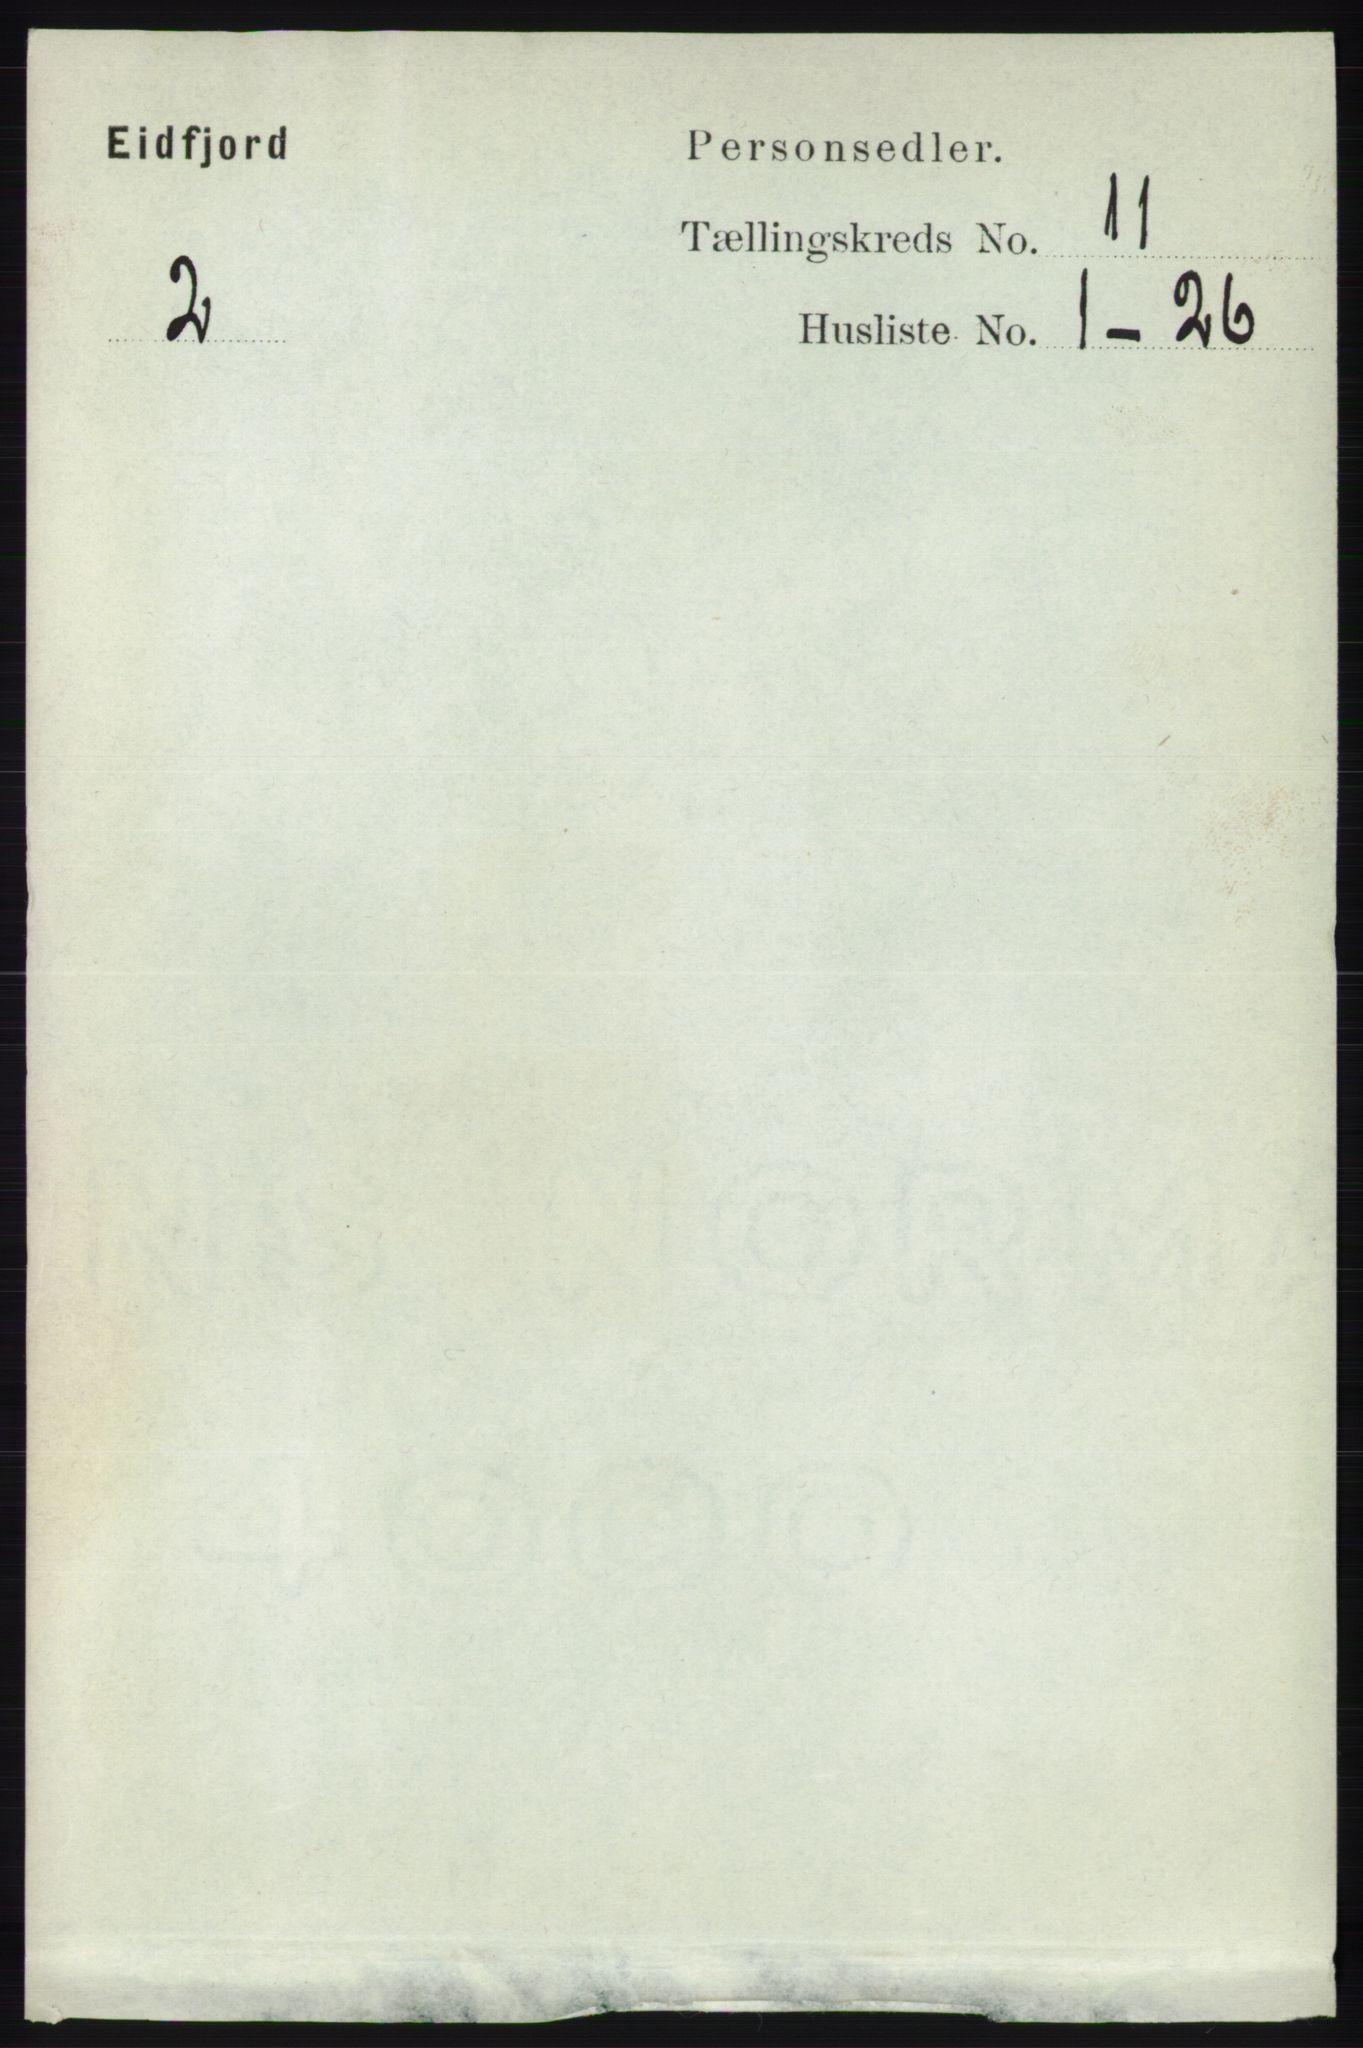 RA, Folketelling 1891 for 1233 Ulvik herred, 1891, s. 3466